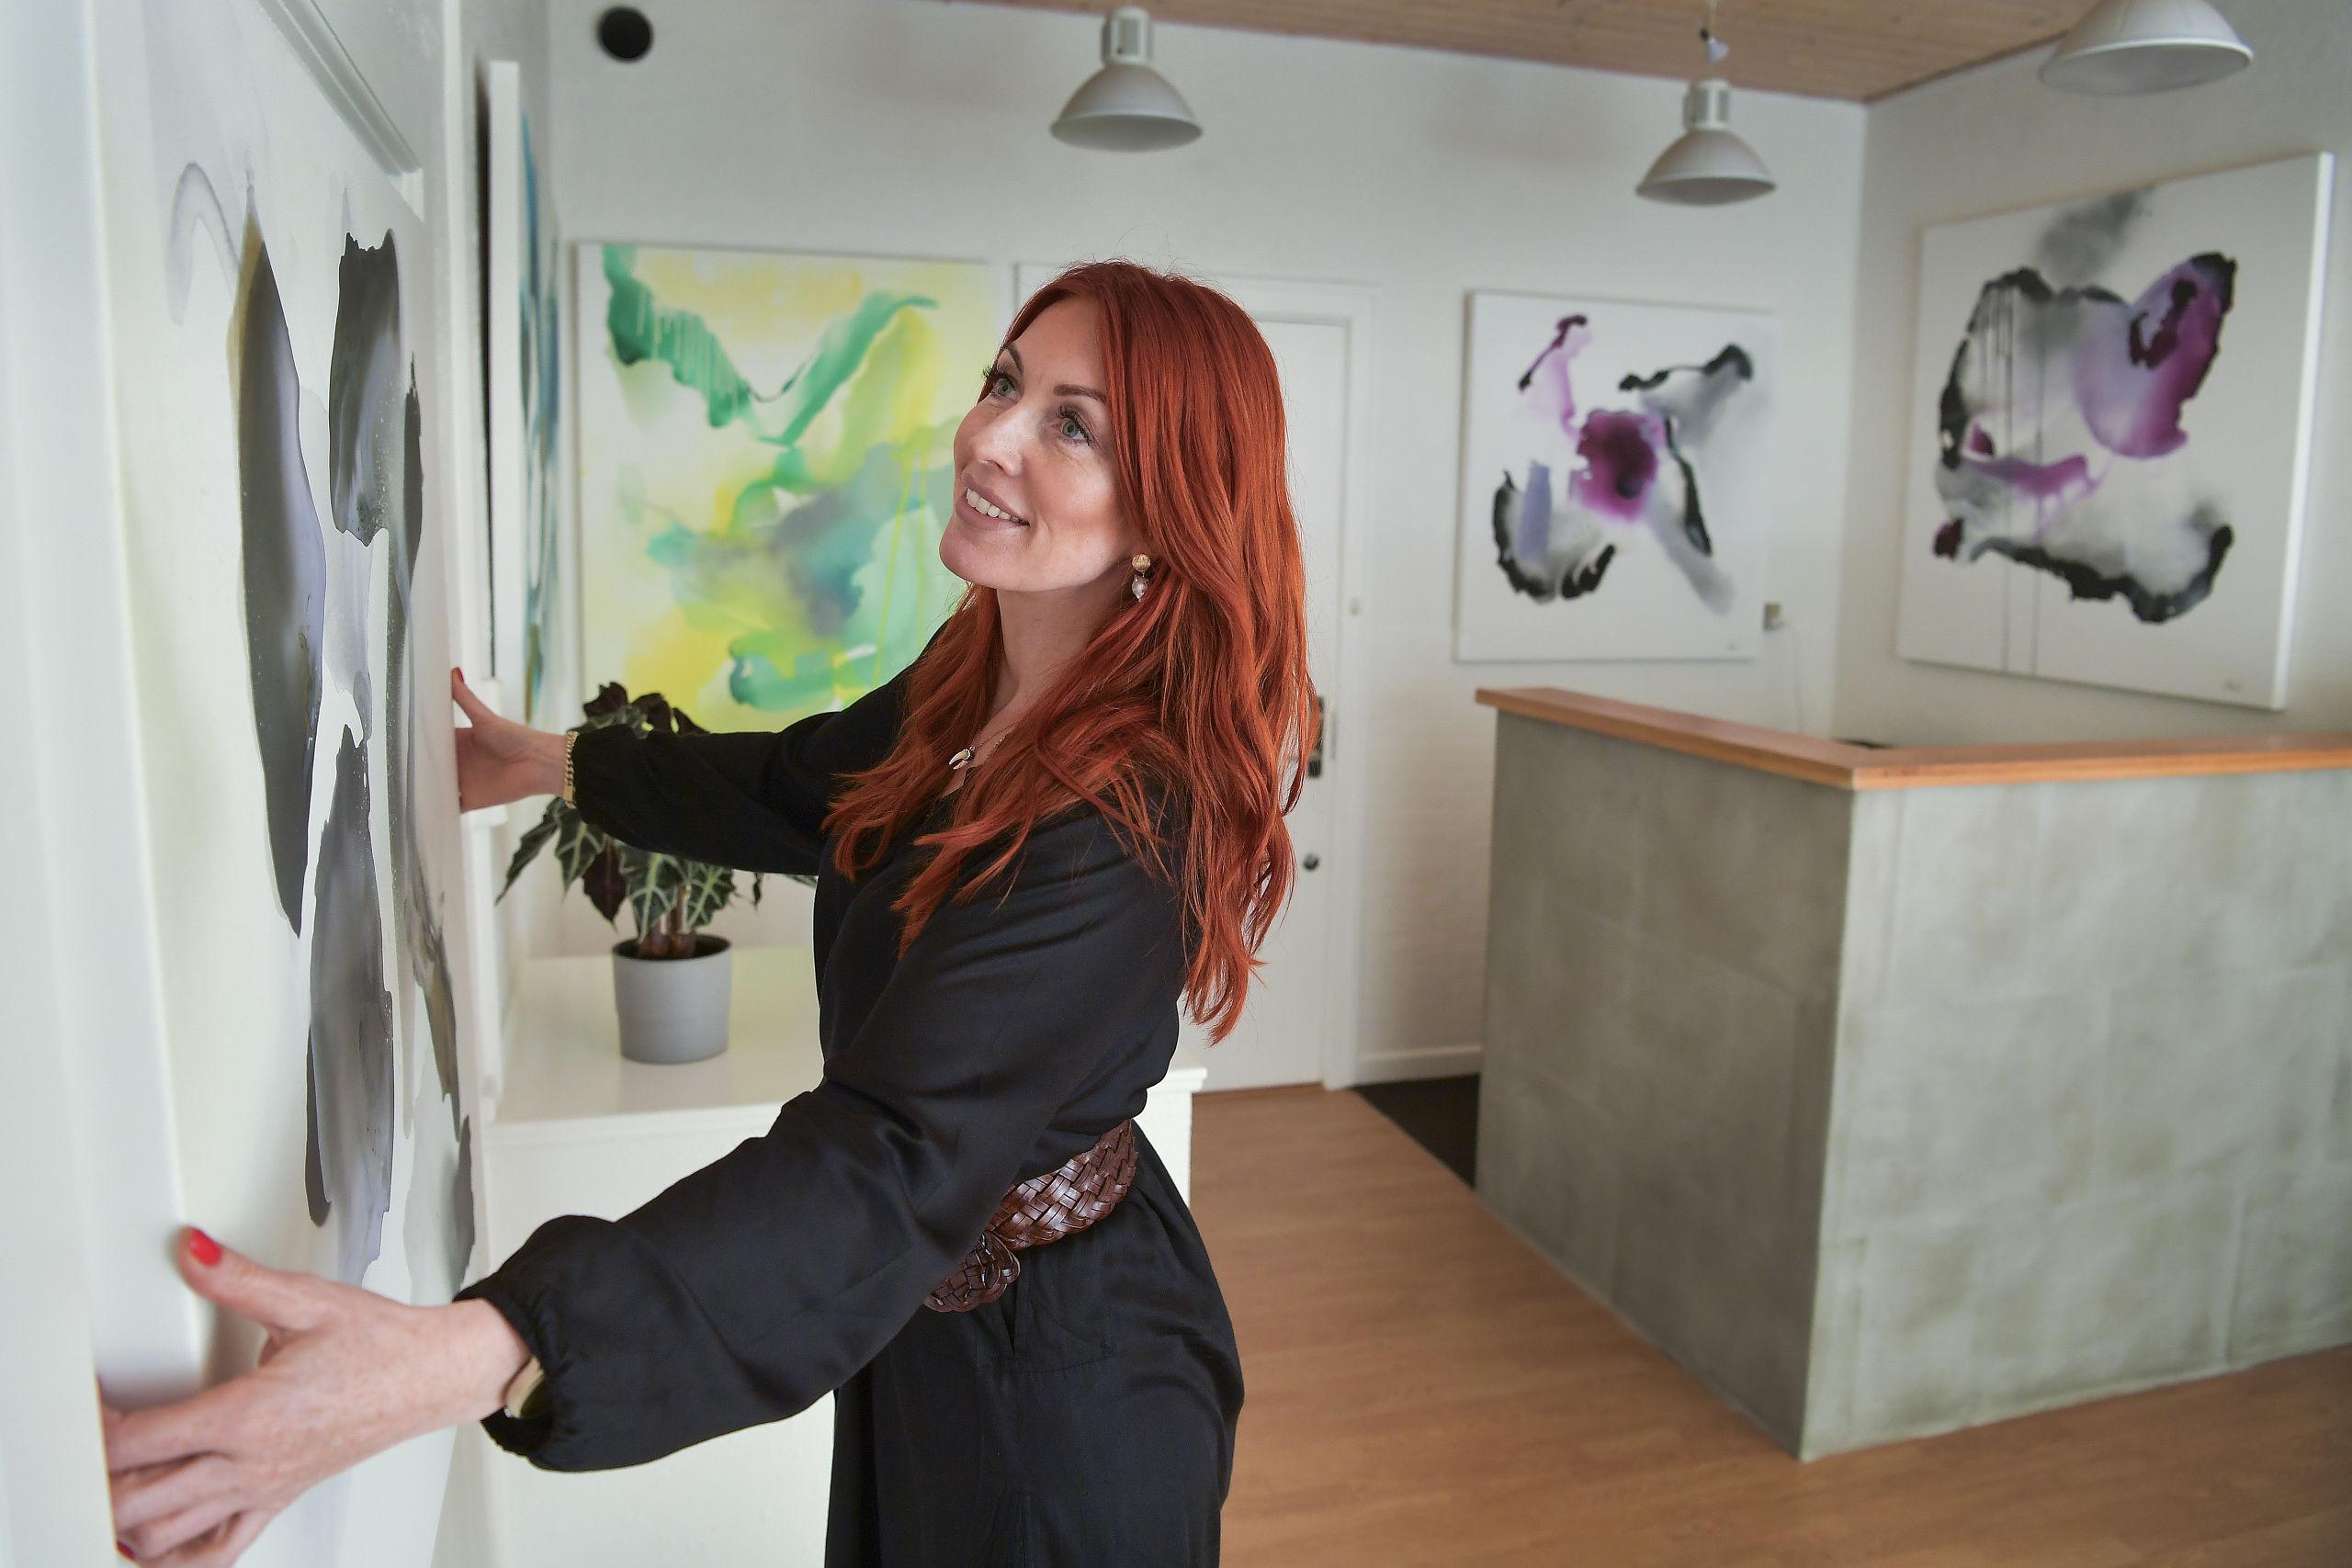 Udover at sætte fokus på kunst, håber Charlotte Zaza også, at hun kan bidrage positivt til tankerne om at være erhvervsdrivende i Nørresundby. Foto: Michael Koch